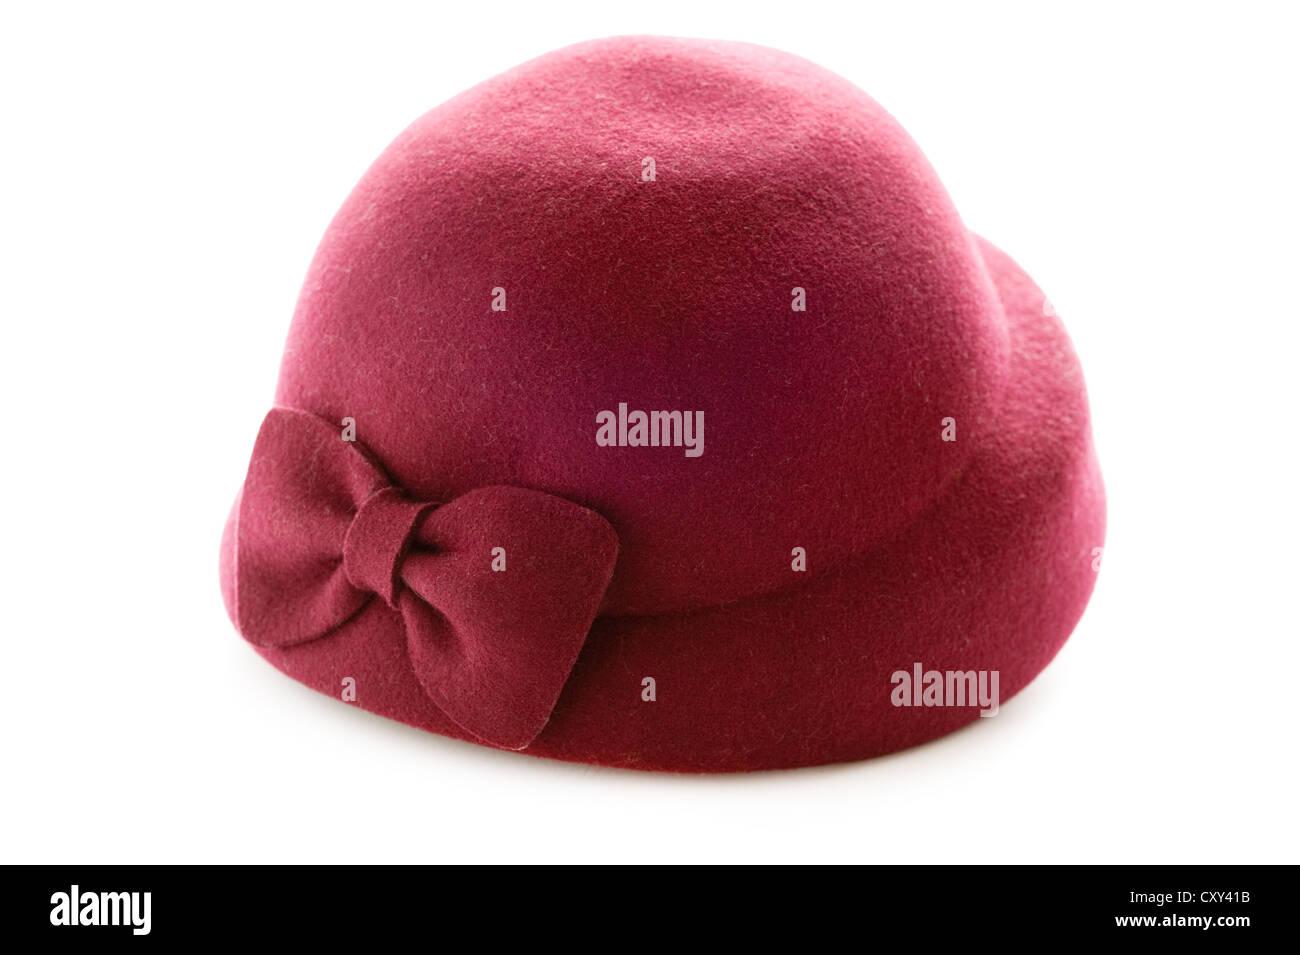 a52b0a6da7e32 Female Felt Hat Isolated Stock Photos & Female Felt Hat Isolated ...